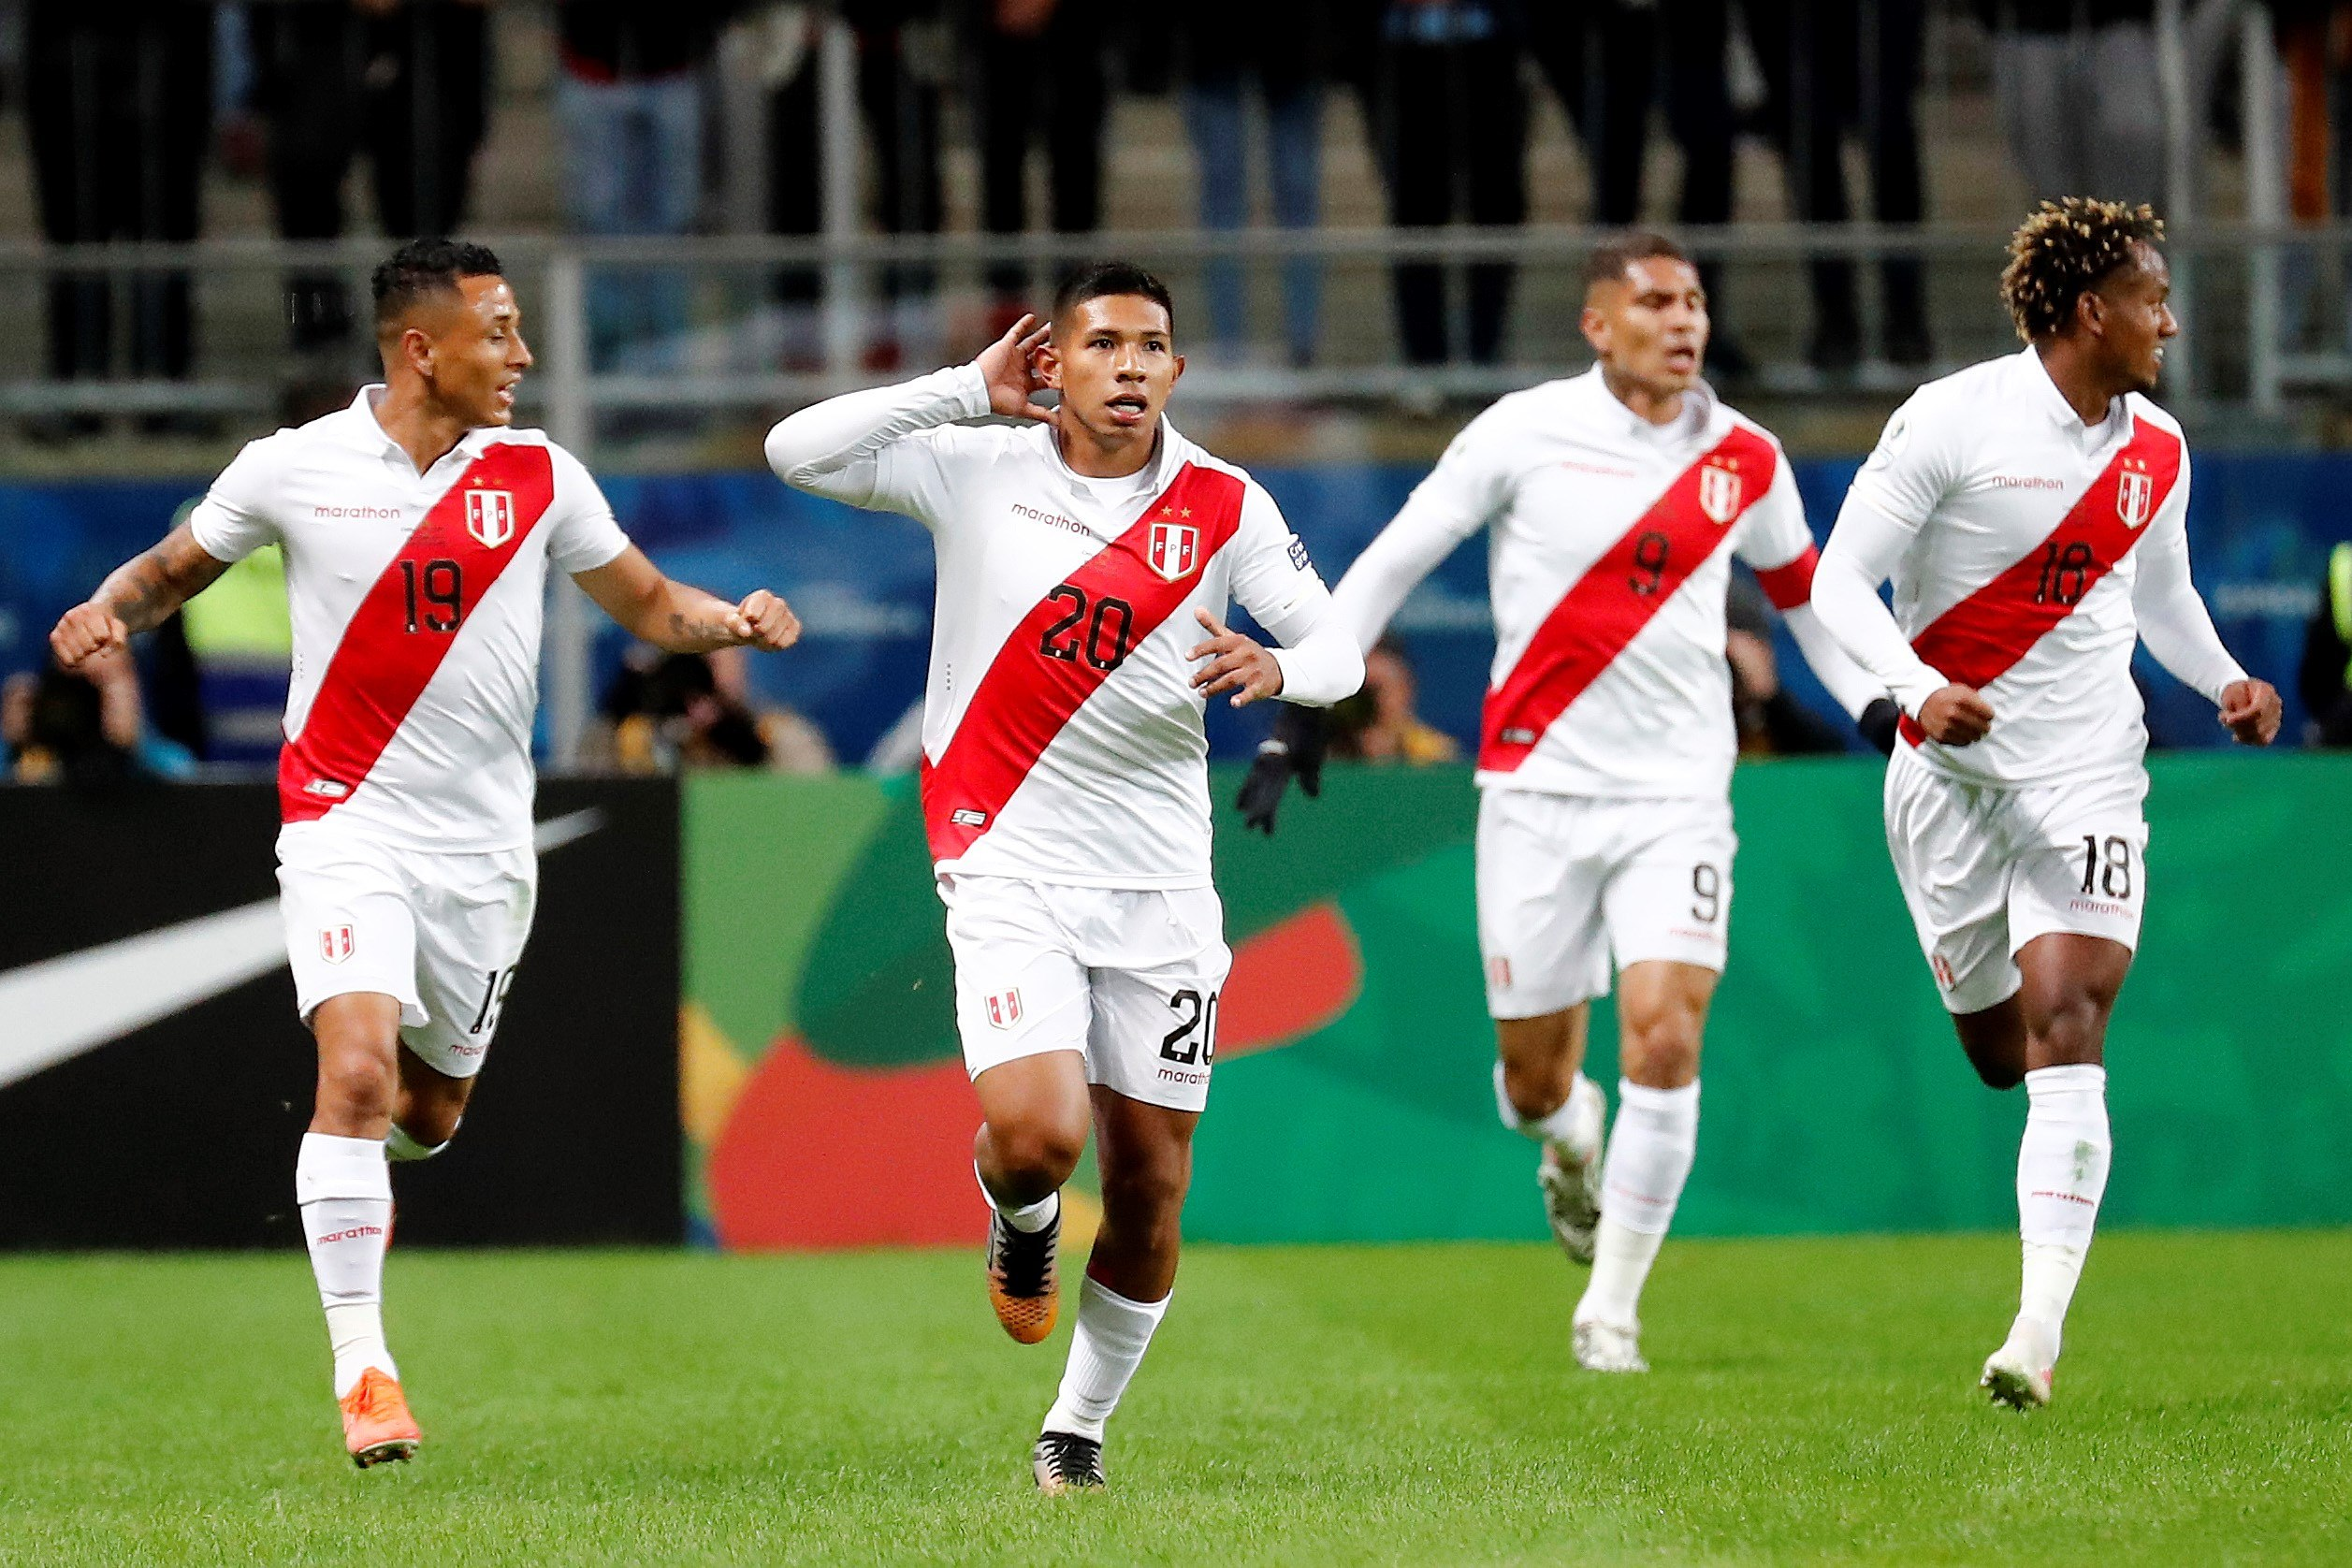 ¡¡Perú a la final de la Copa América!!